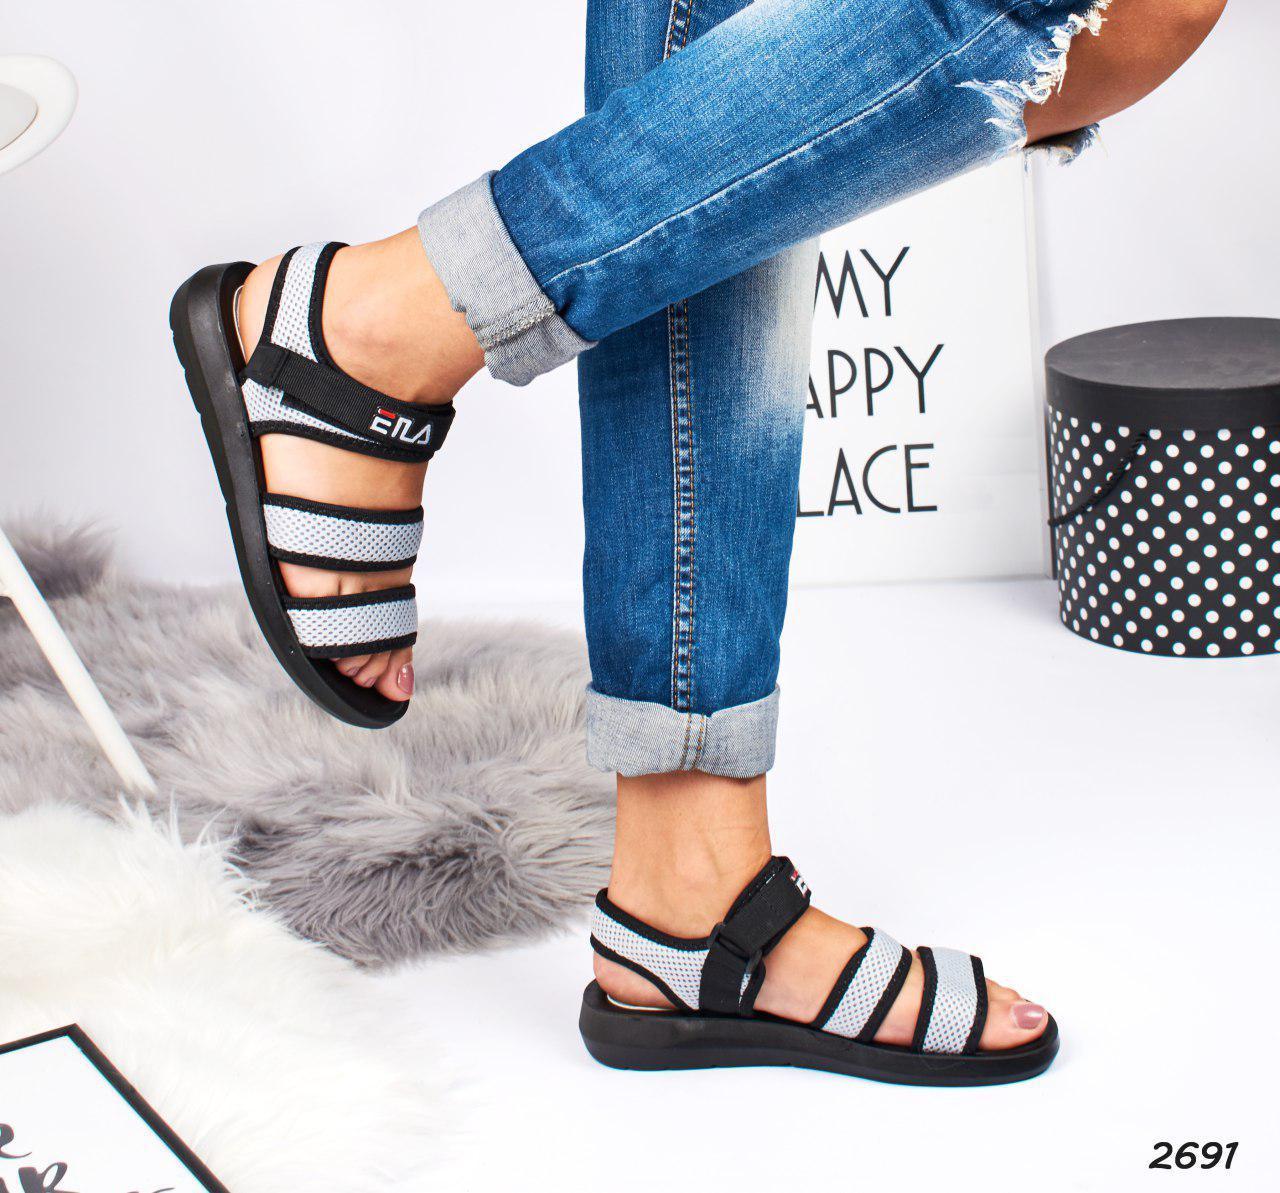 71ea2fb45b59 Спортивные сандалии женские серые на липучках, размеры: 37, 38, 39